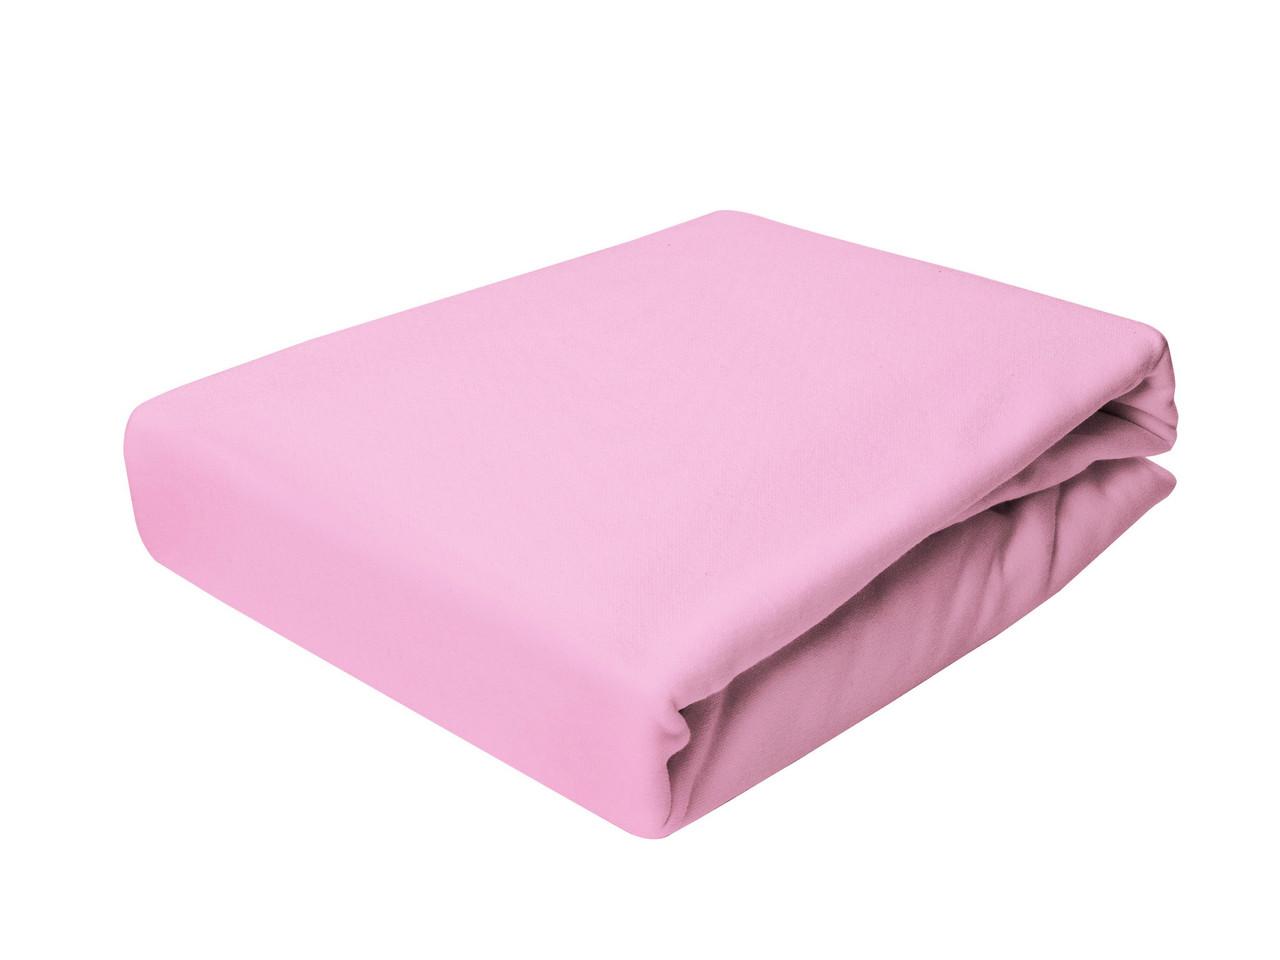 Простыня Трикотажная На резинке NR 002 P.P.H.U. J&M 5453 180x200 см Розовая